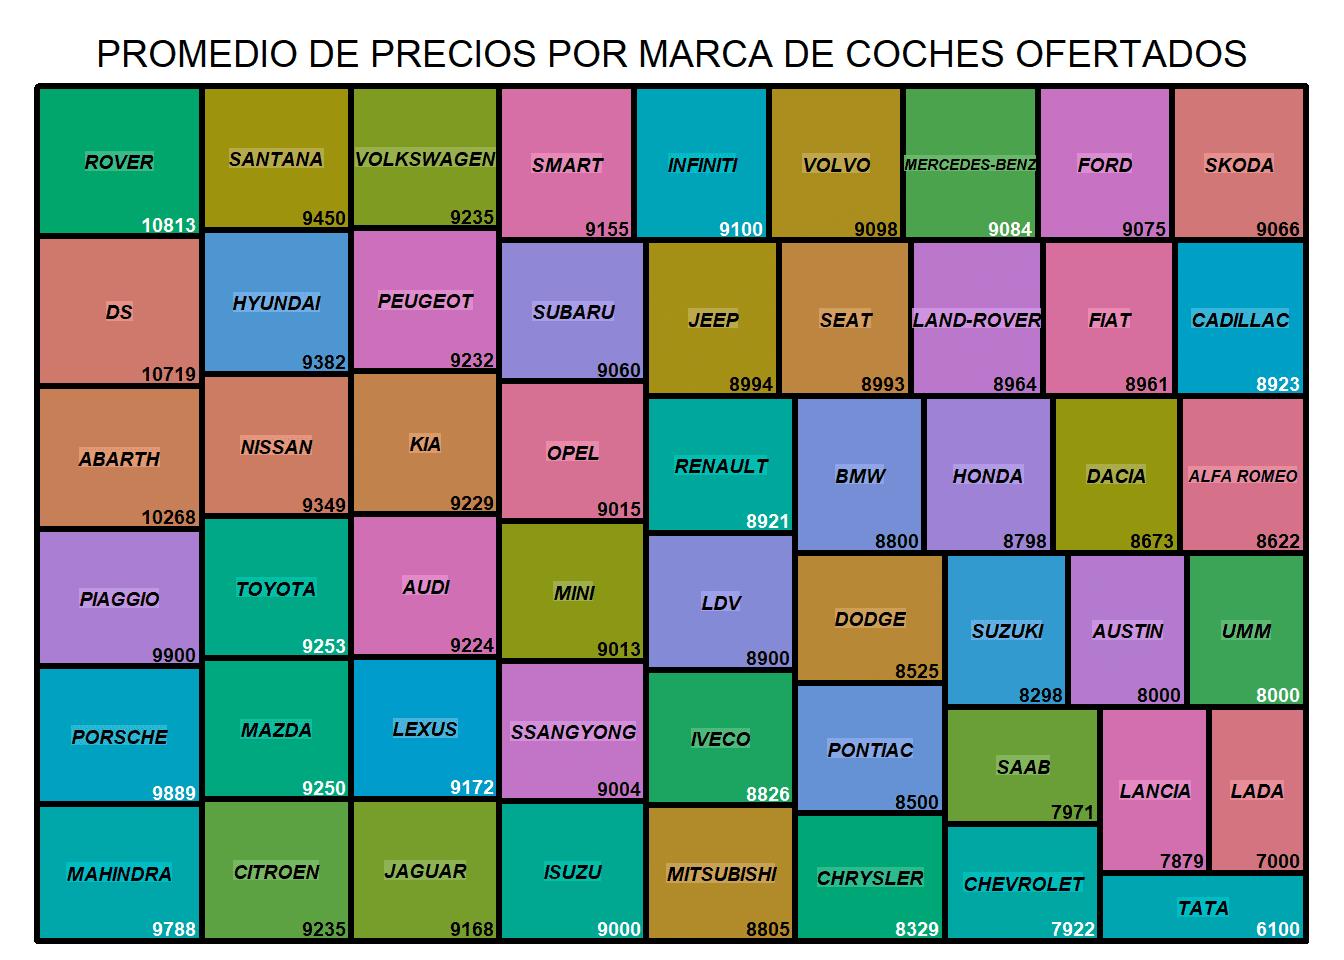 PROMEDIO DE PRECIOS POR MARCA DE COCHES OFERTADOS